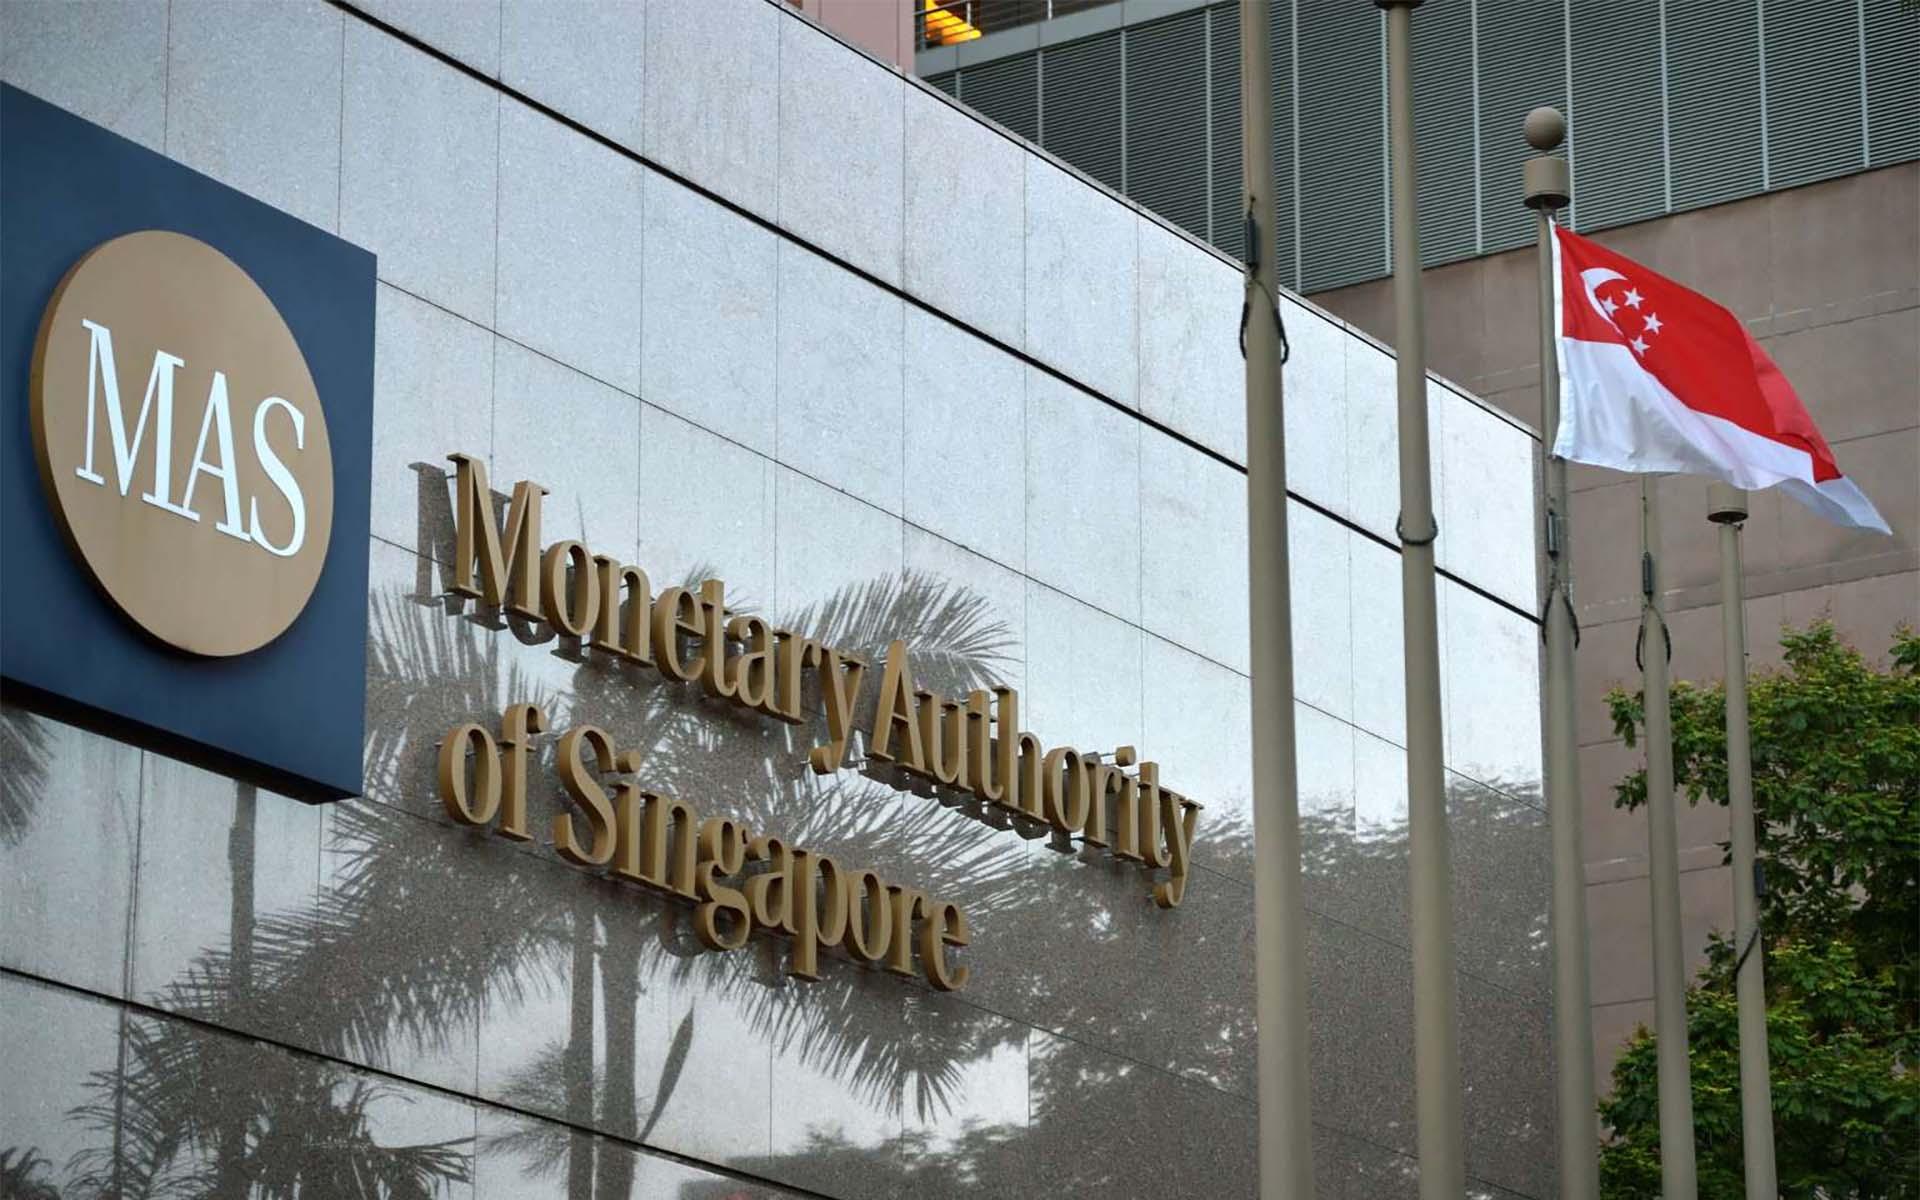 st-singapore-mas